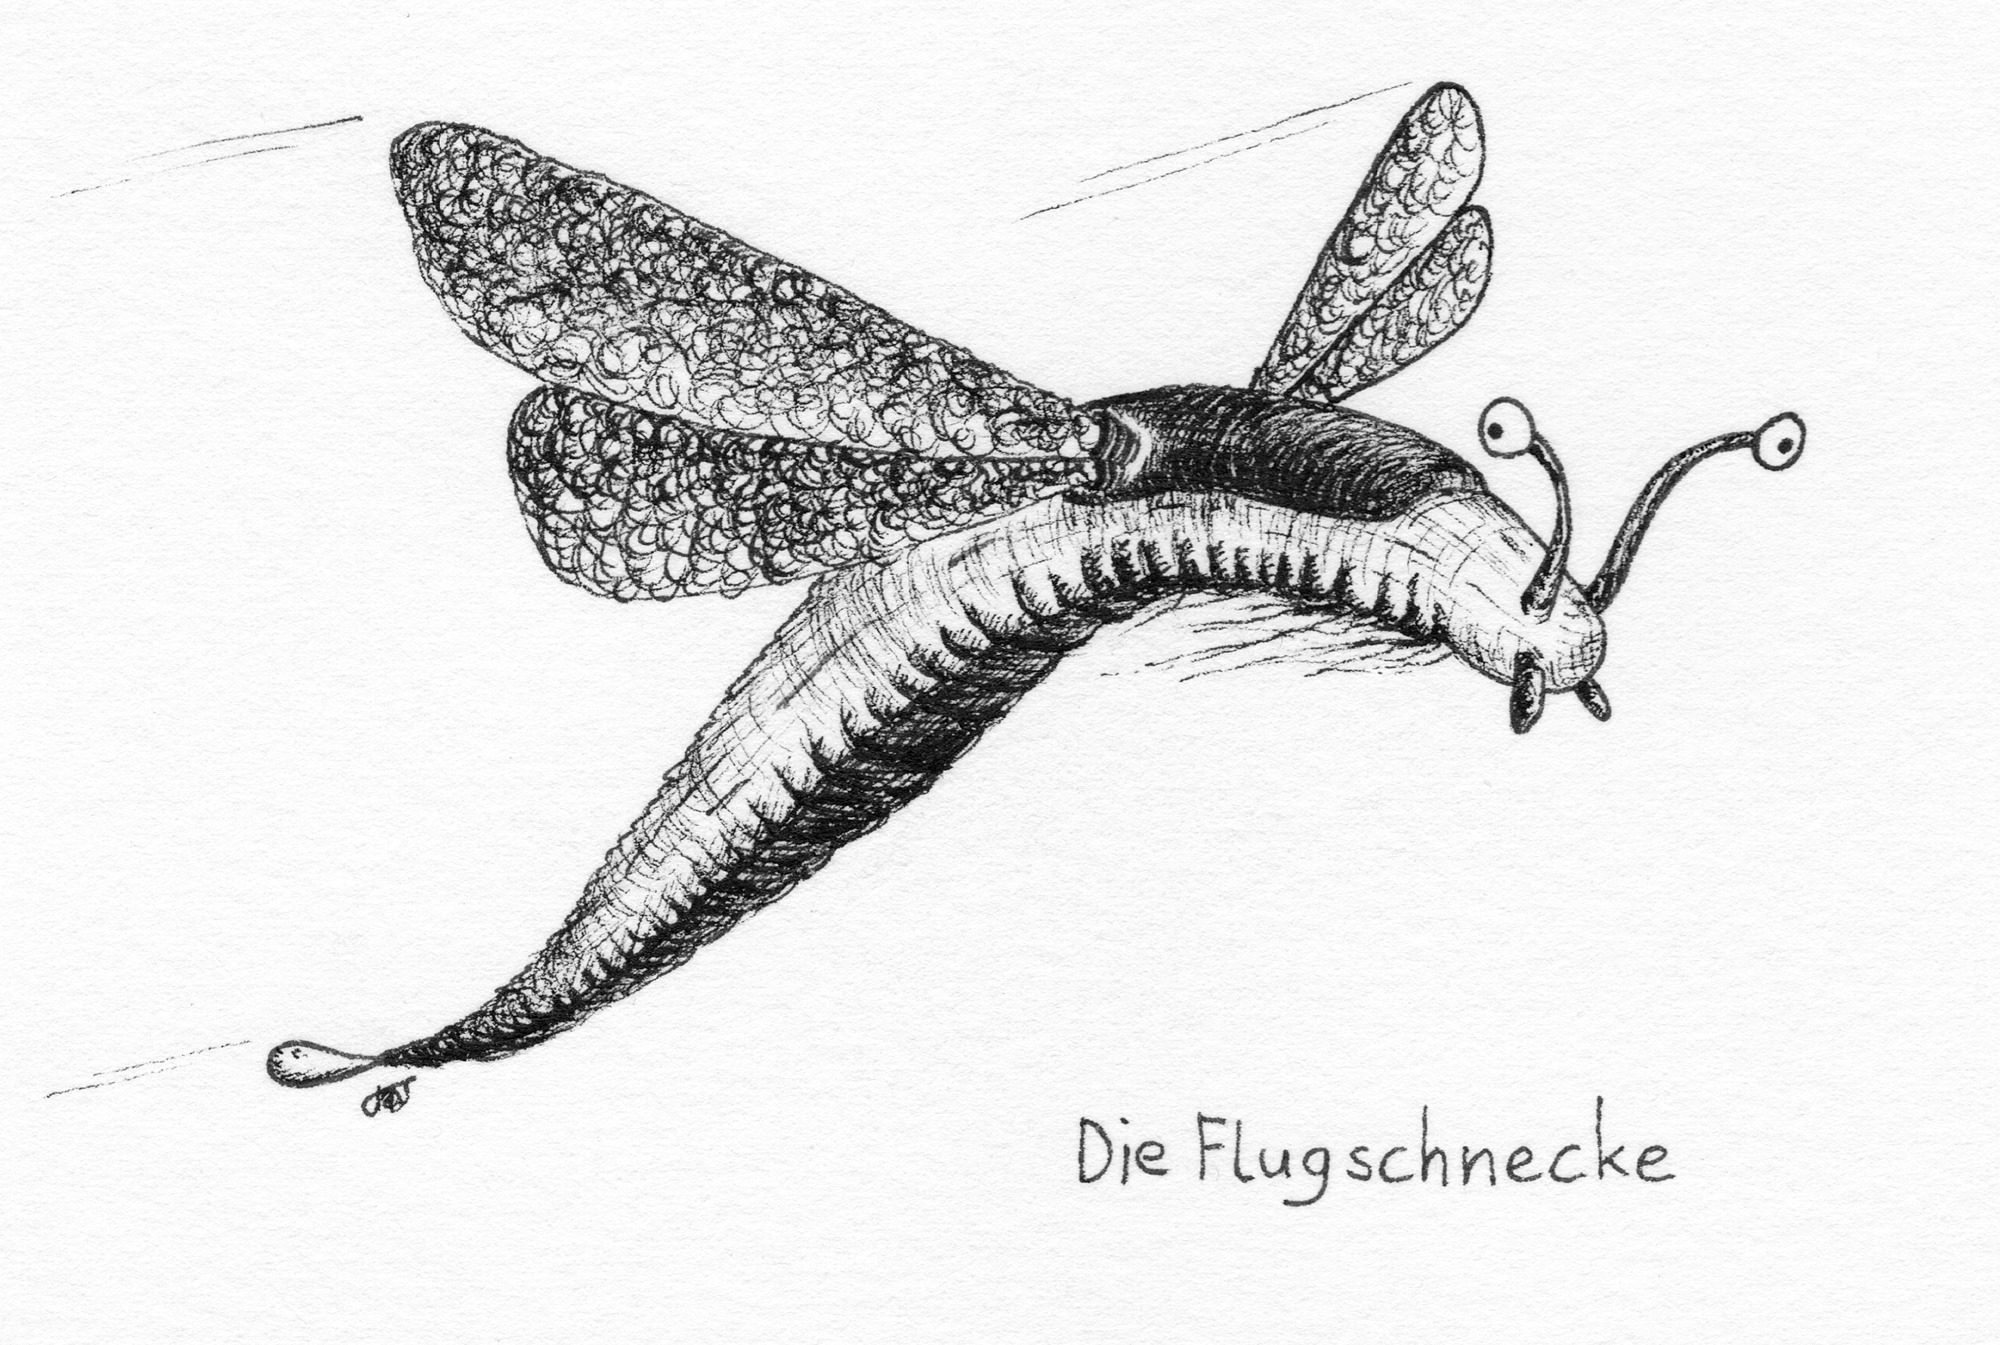 Flugschnecke